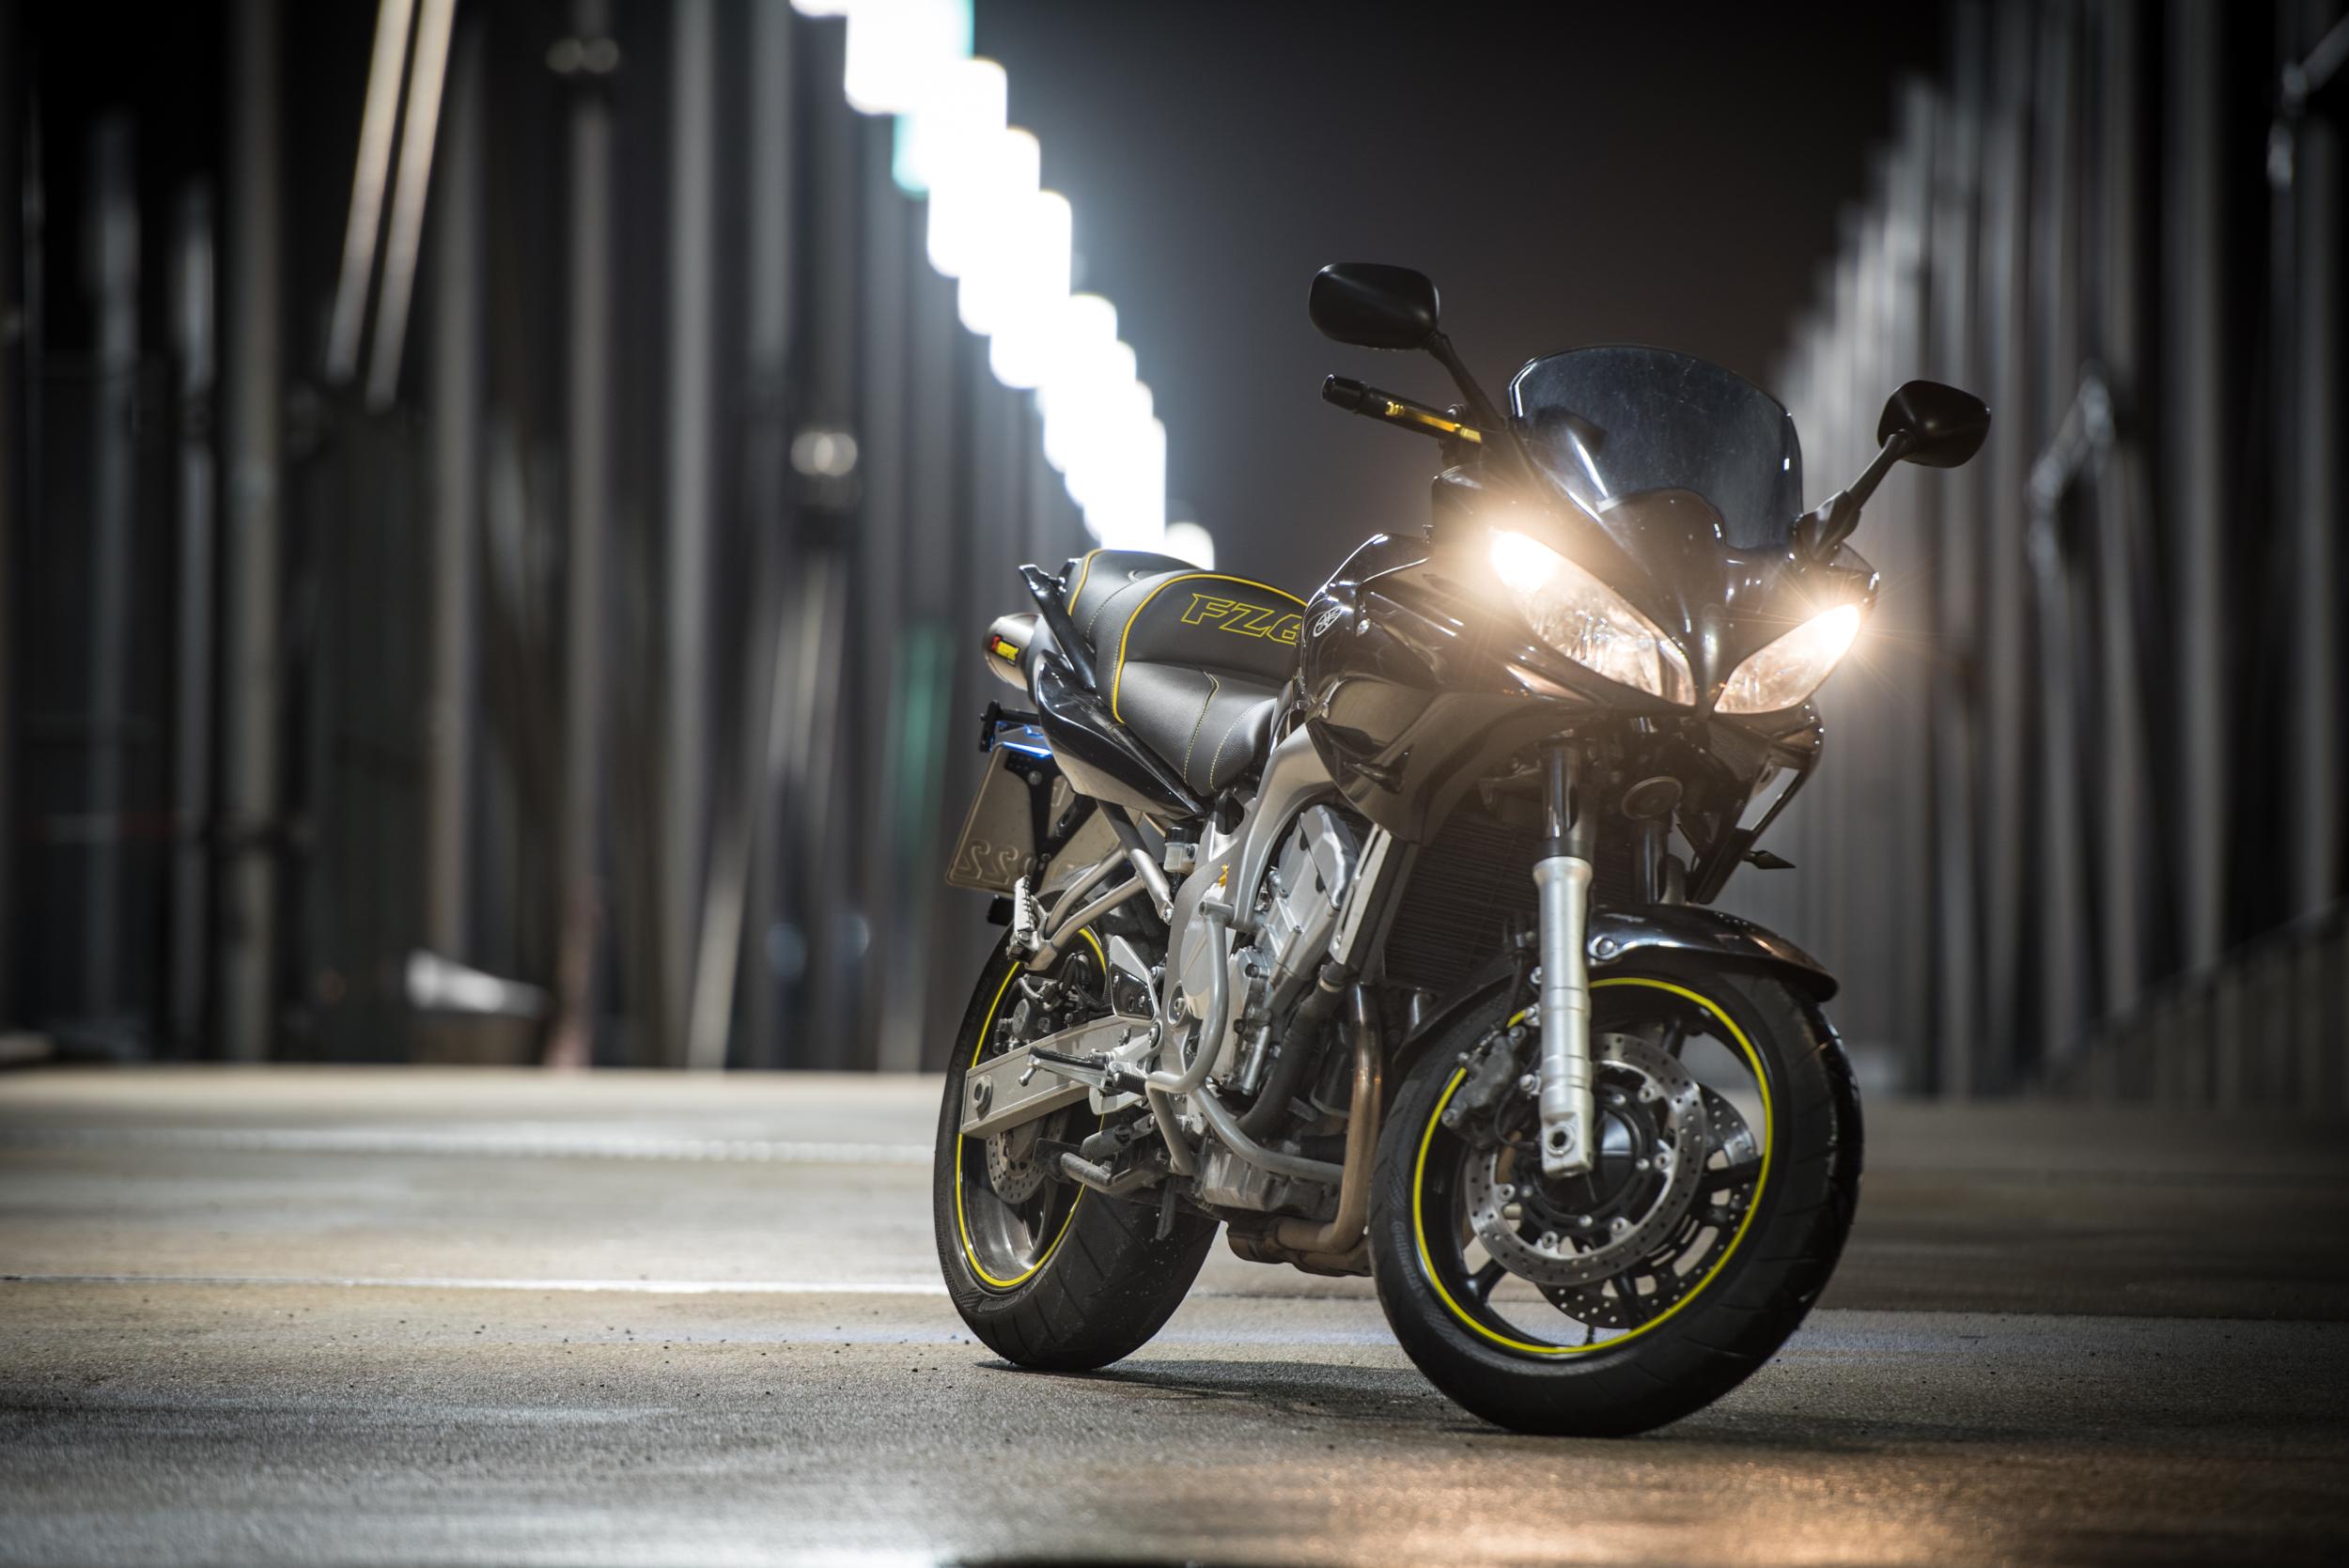 I upgraded my Yamaha FZ6 Fazer